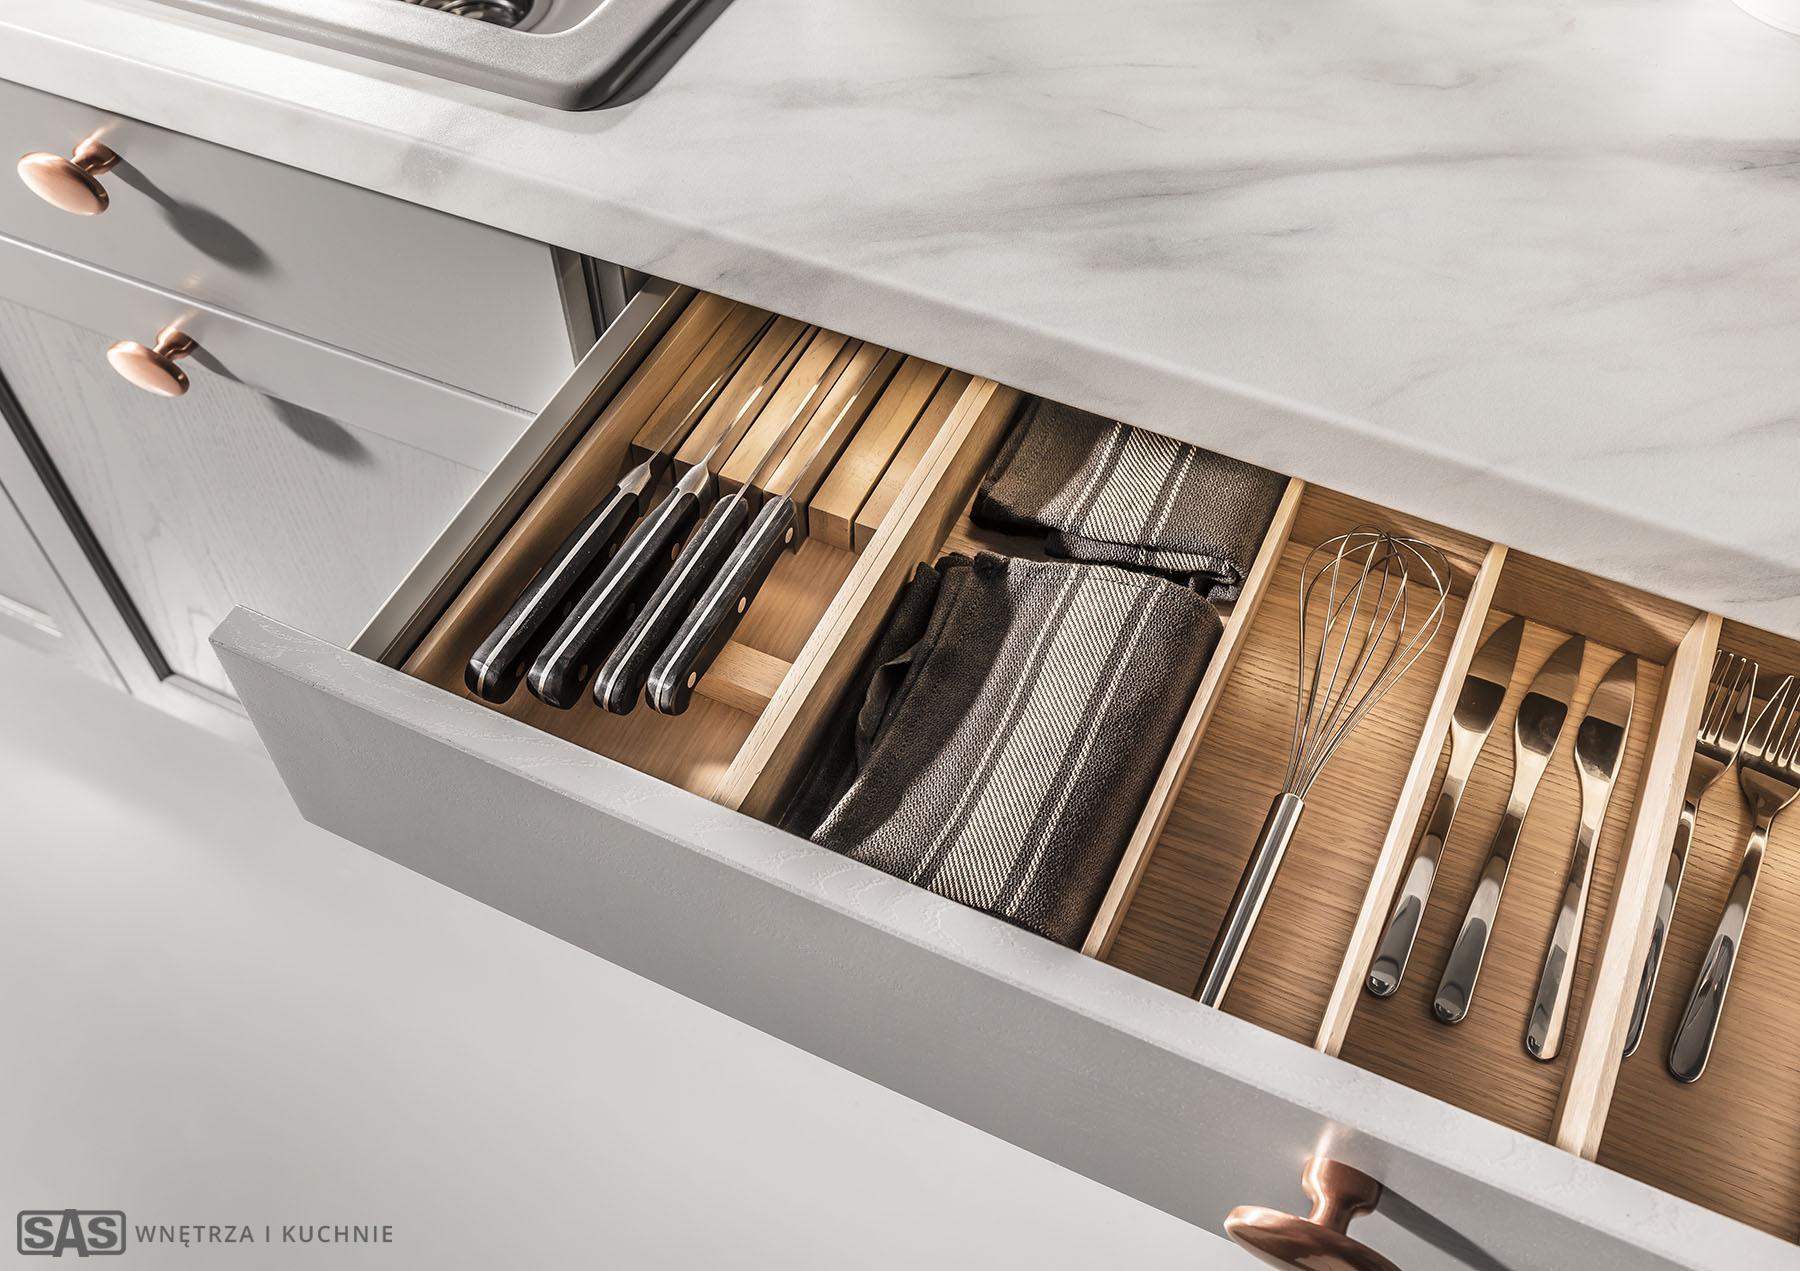 Szuflady jako element systemu przechowywania - meble kuchenne Brostol w ofercie SAS Wnętrza i Kuchnia, projekt architekt wnętrz Emilia Strzempek Plasun.